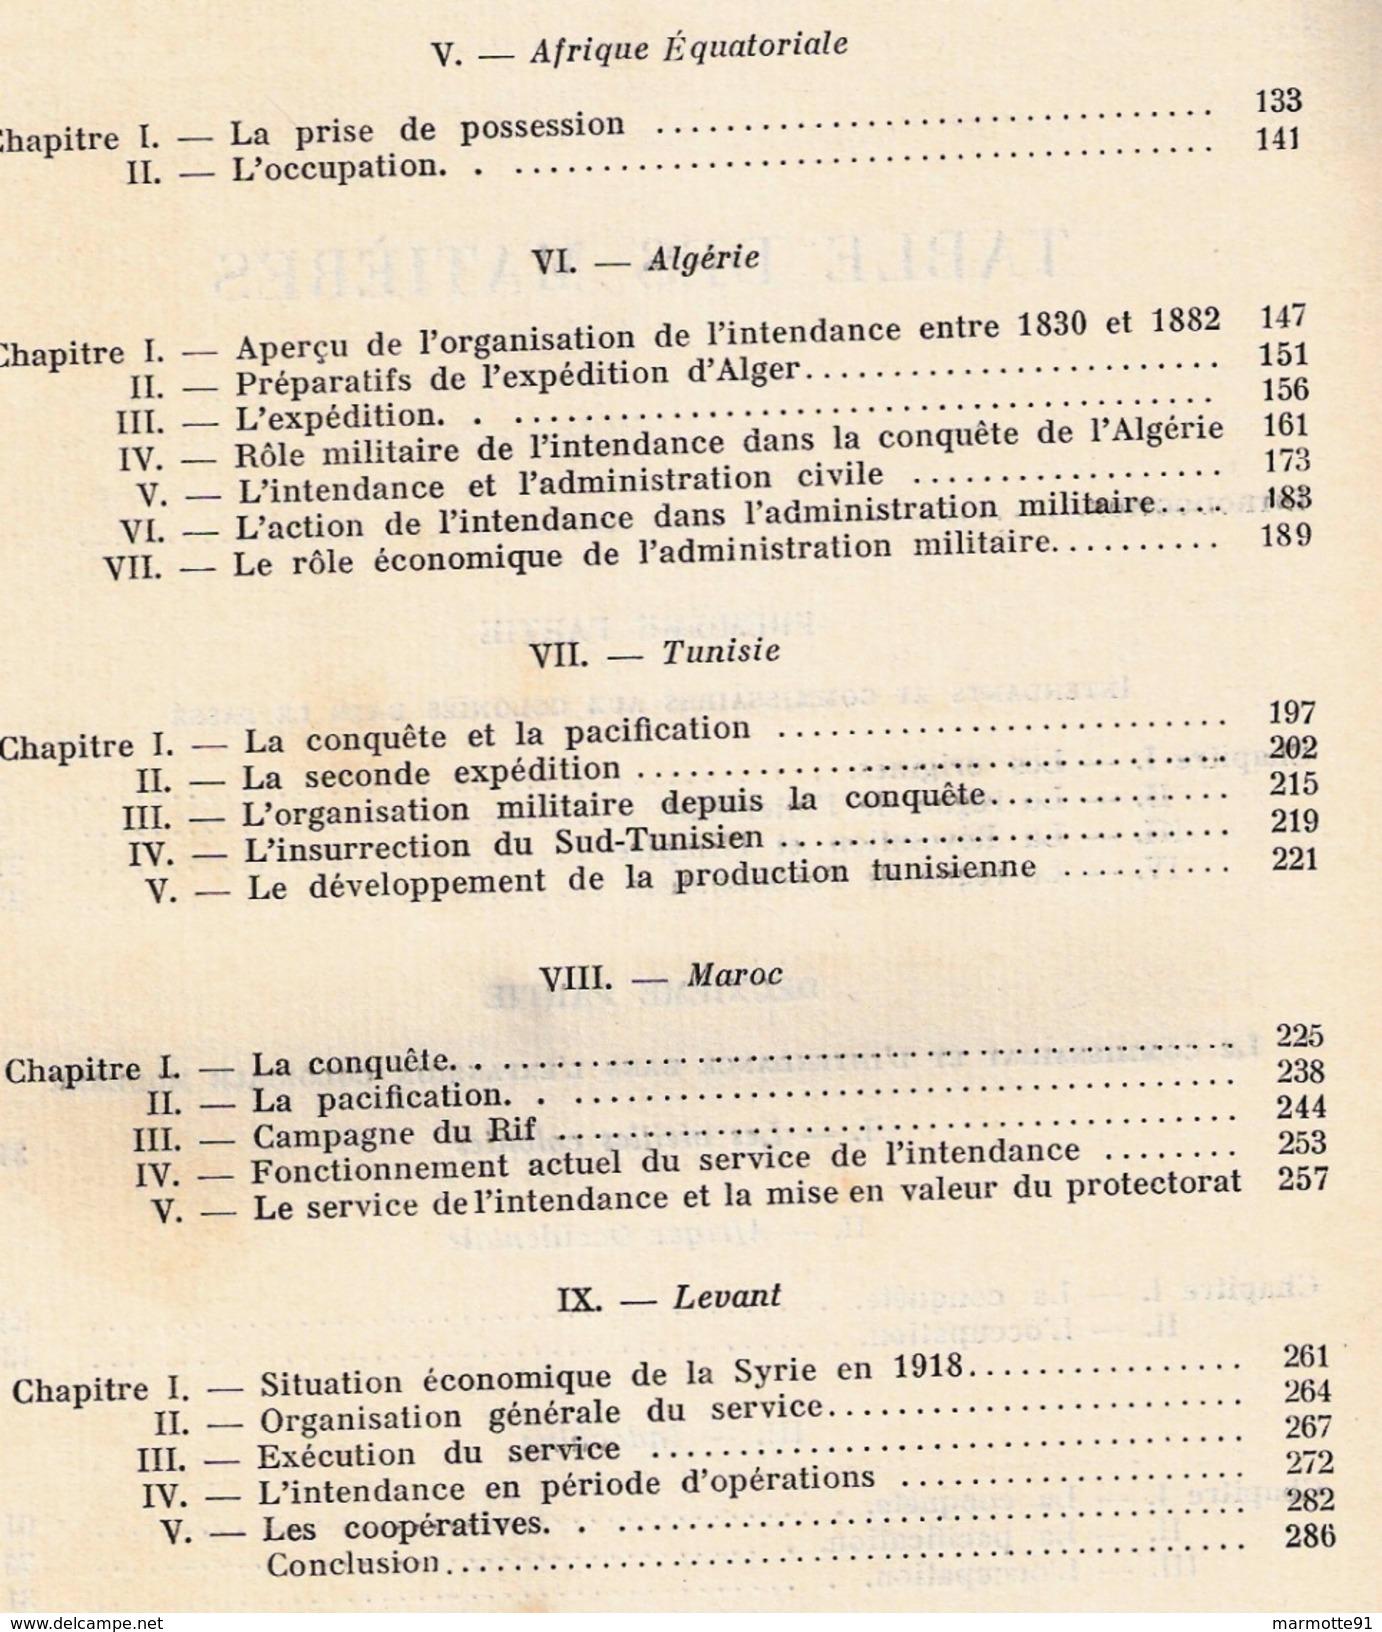 ARMEES FRANCAISES OUTRE MER EXPOSITION PARIS 1931 SERVICE INTENDANCE COLONIES ALGERIE AFRIQUE TUNISIE INDOCHINE LEVANT - Français